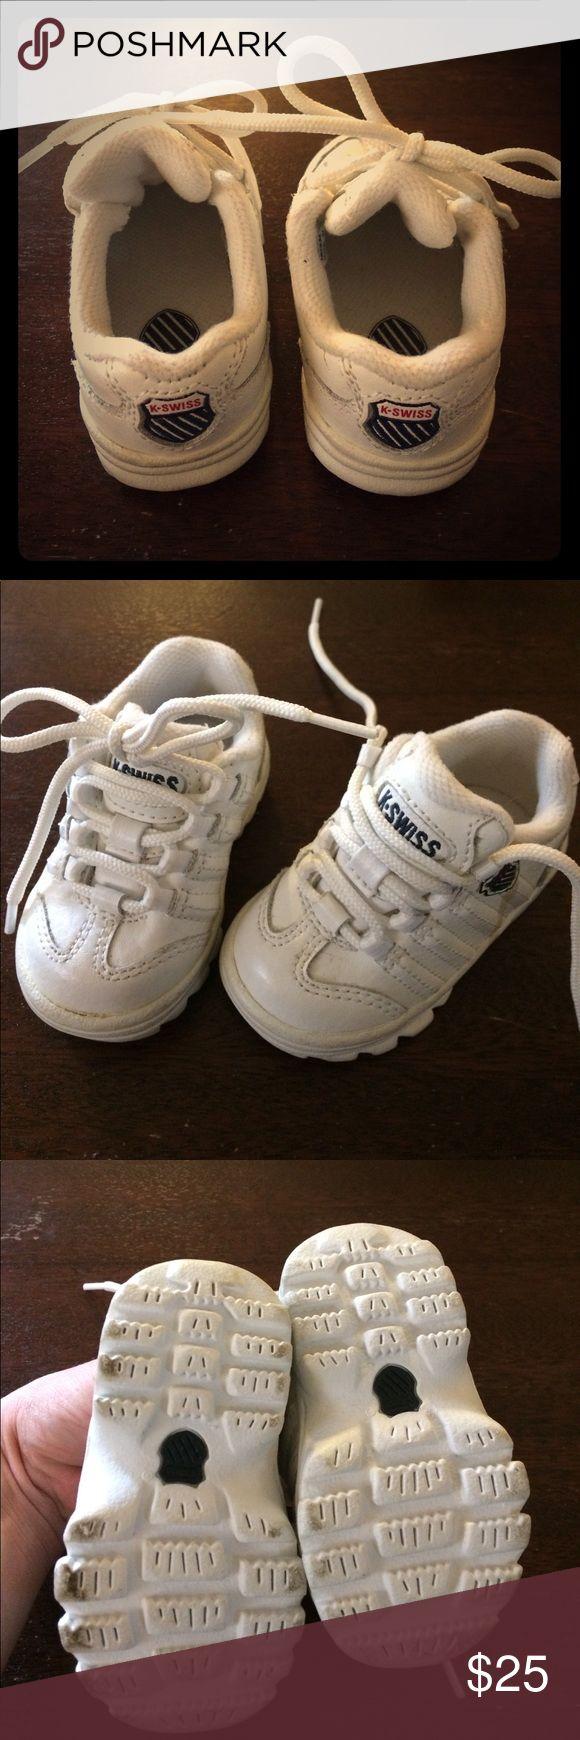 Infant/ Size 2 K Swiss Sneakers (White) Very cute, baby K Swiss sneakers. Infant size 2. Great condition. K Swiss Shoes Baby & Walker